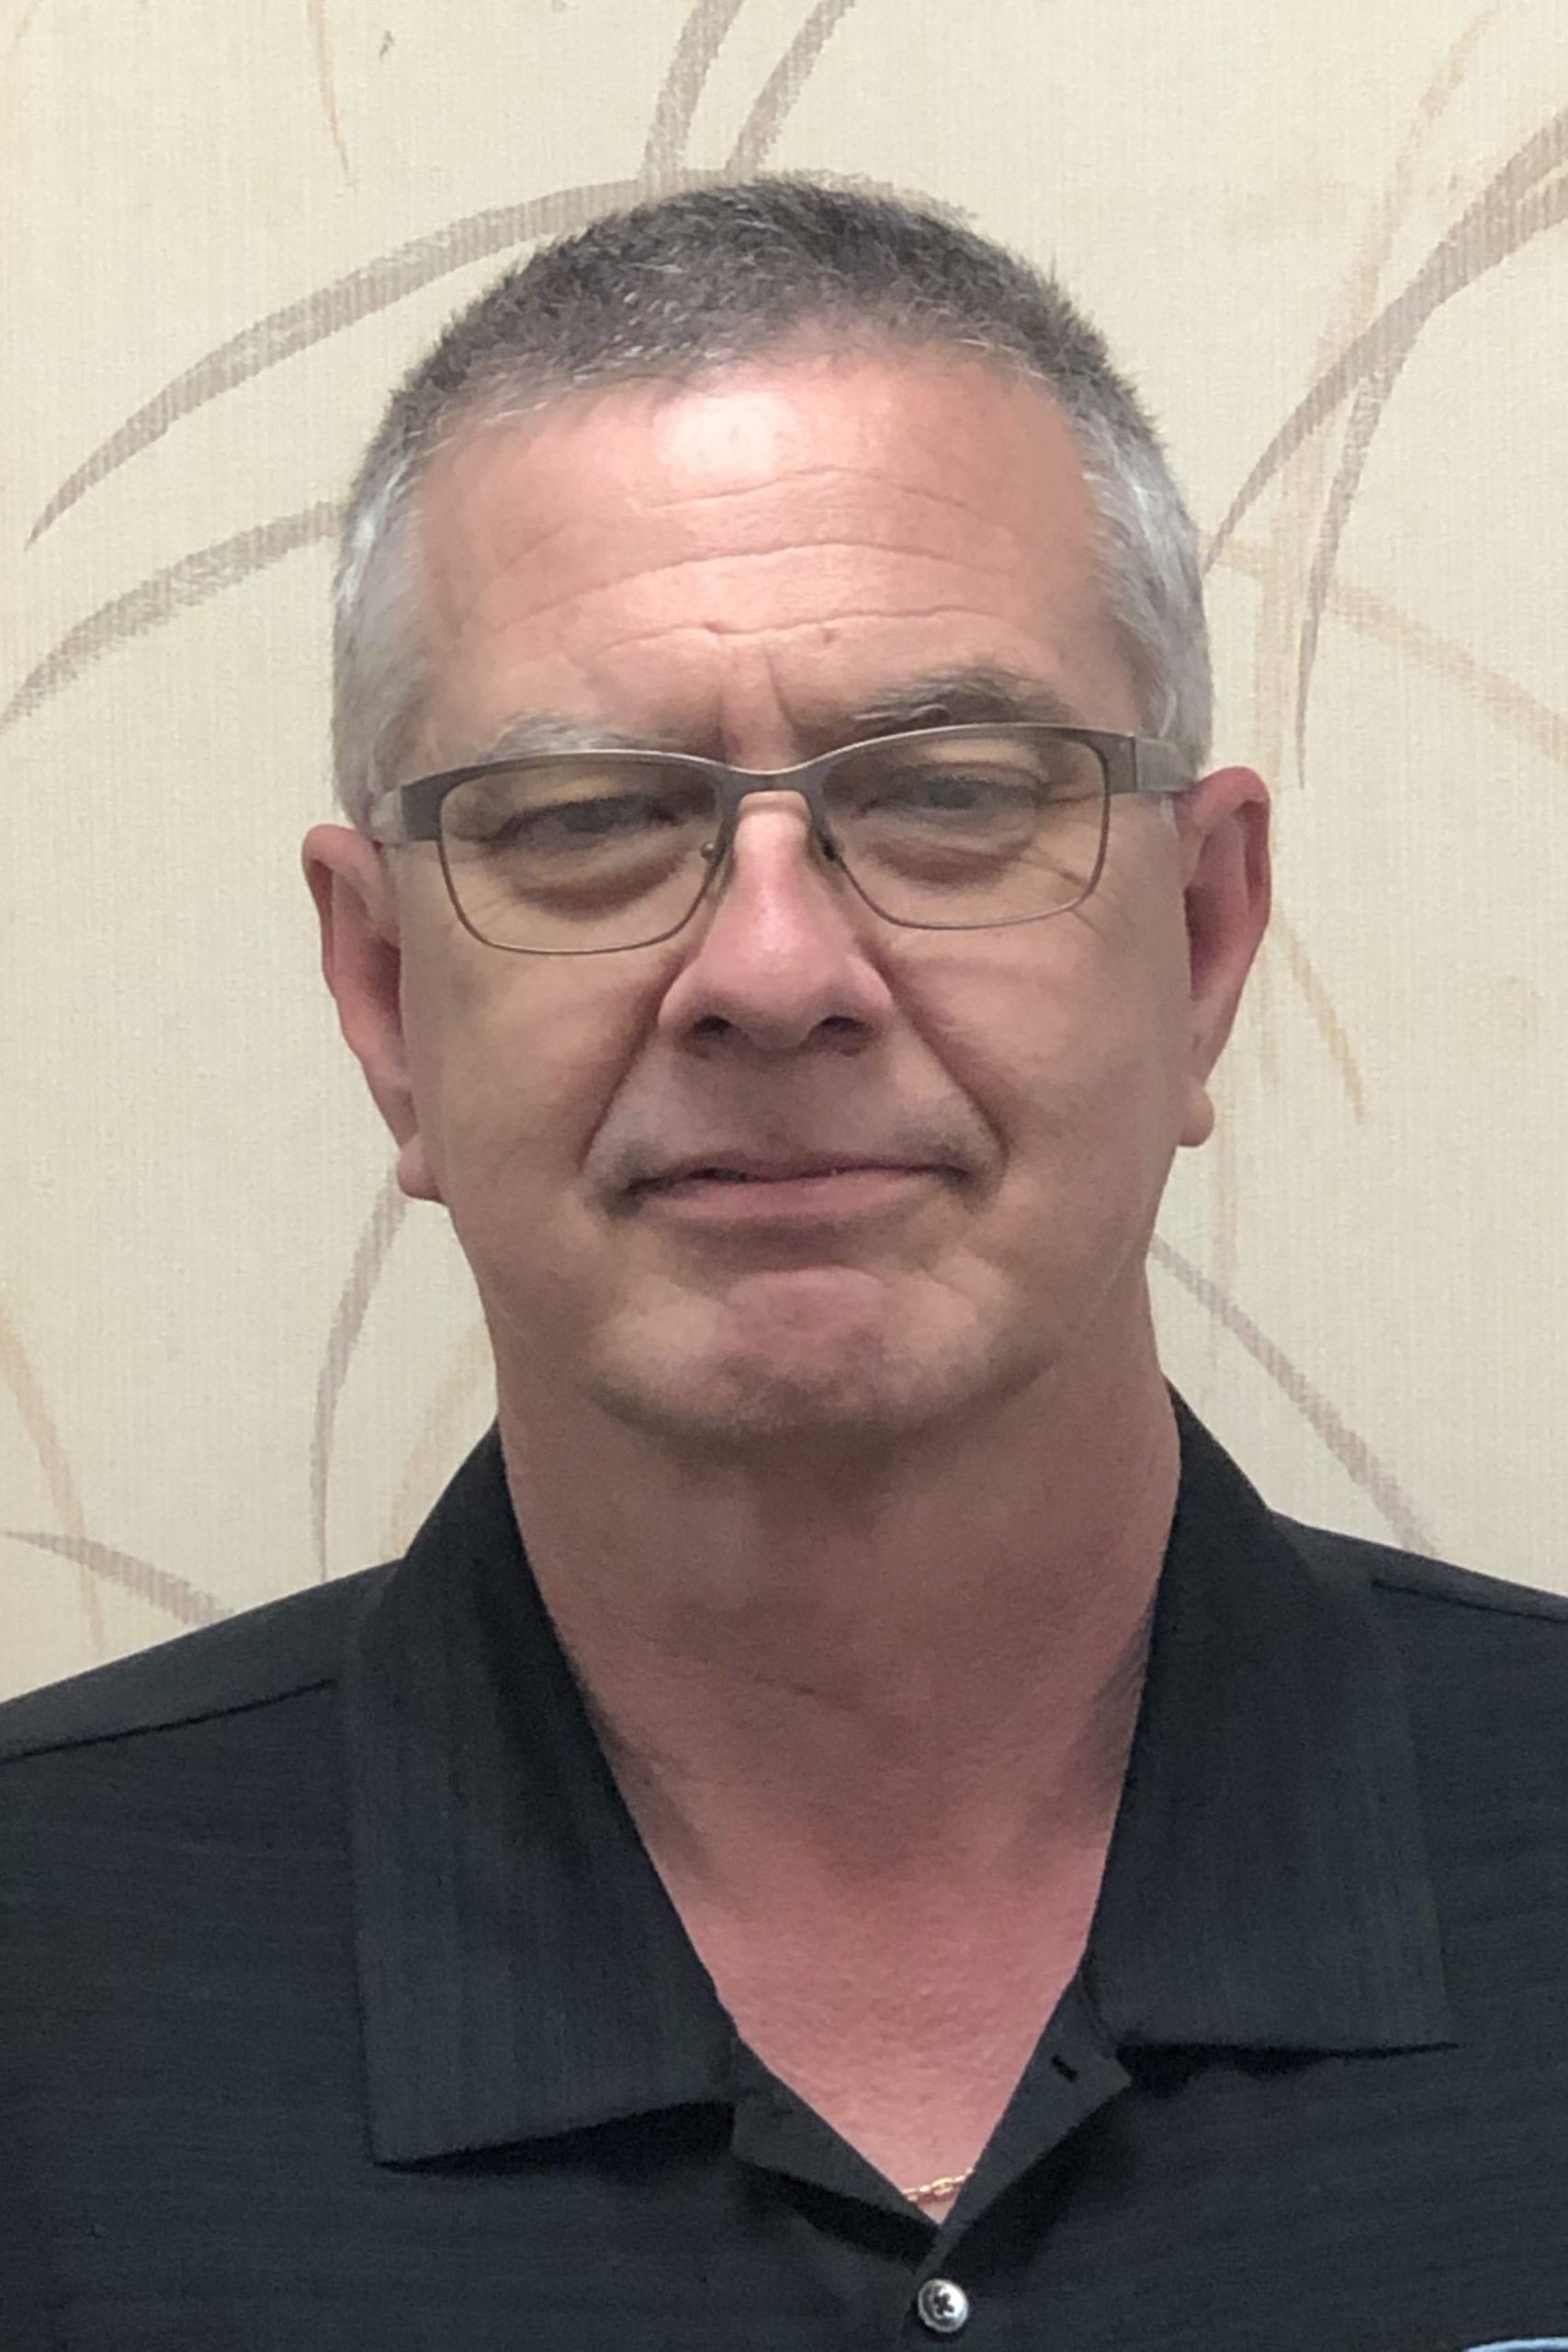 Craig Judy